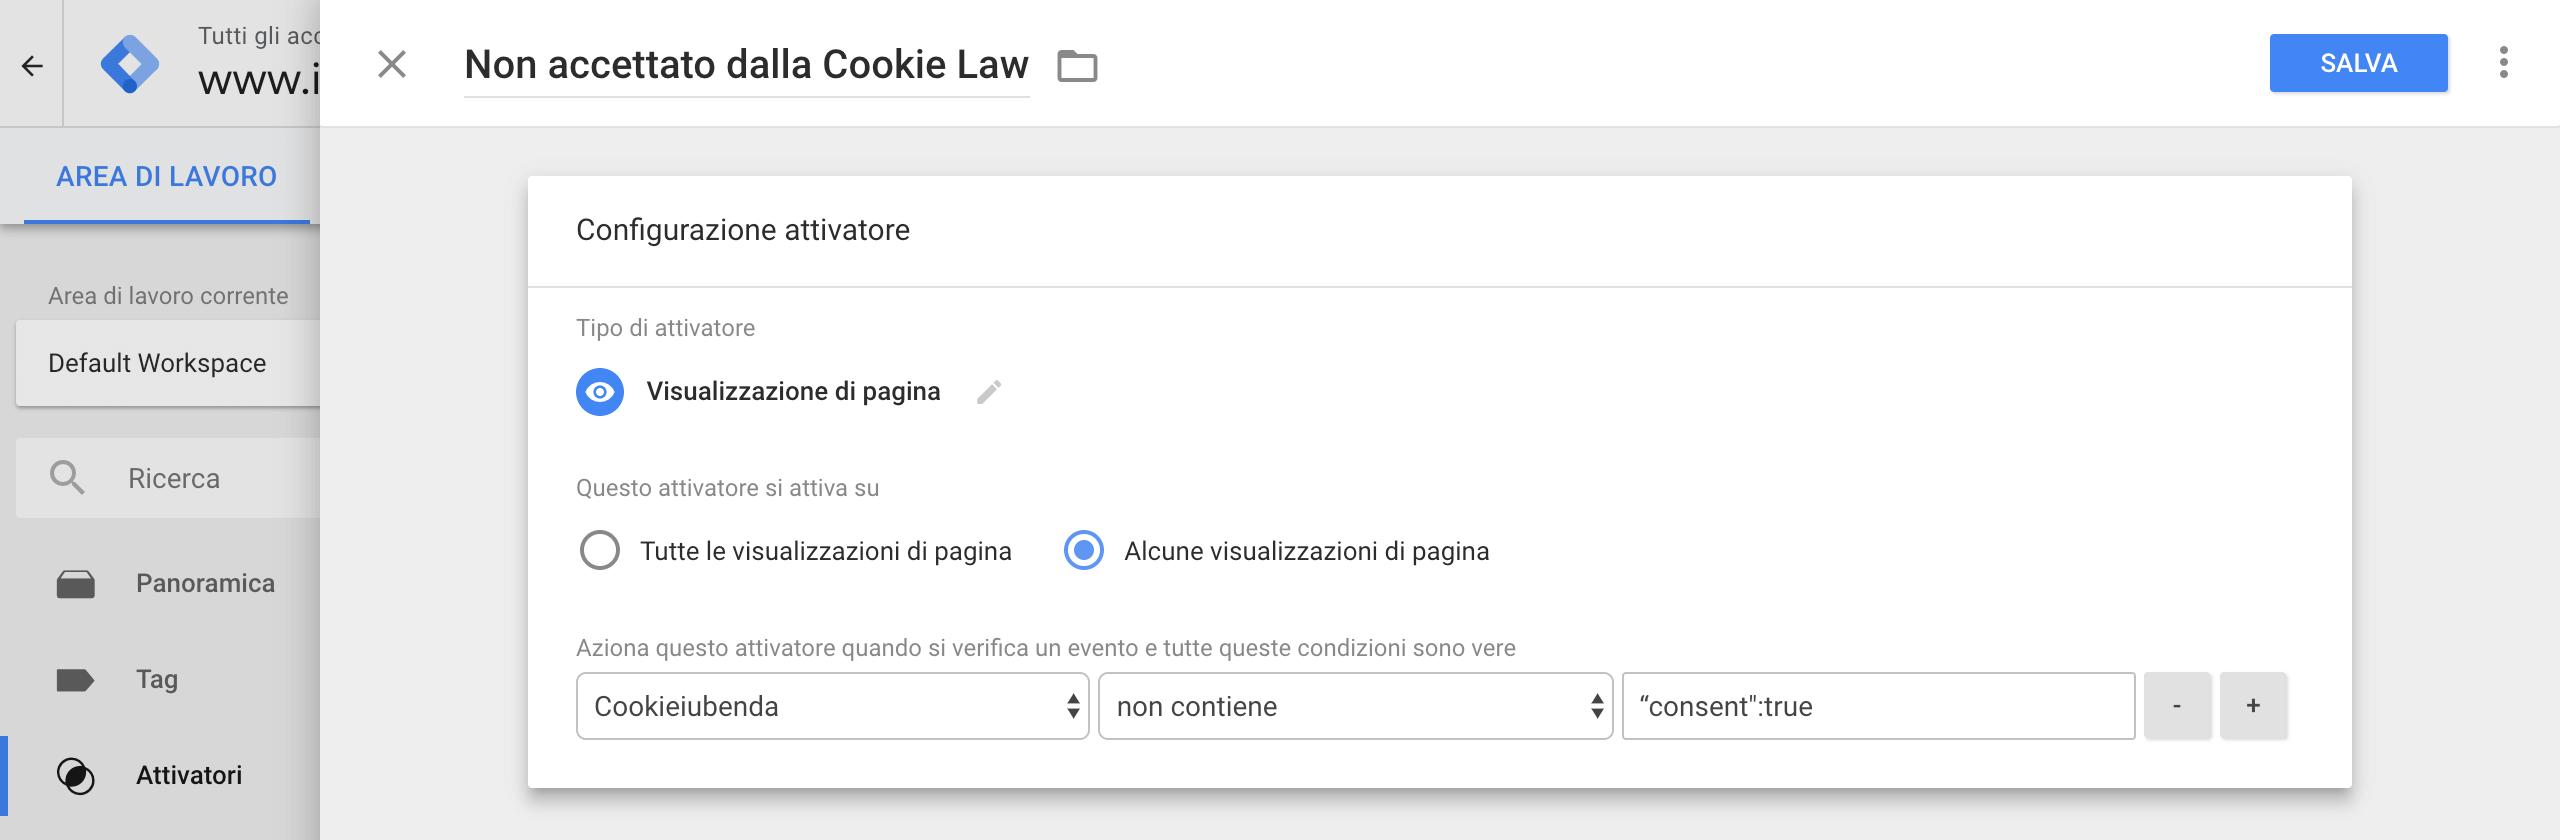 Google Tag Manager - Configurazione attivatore